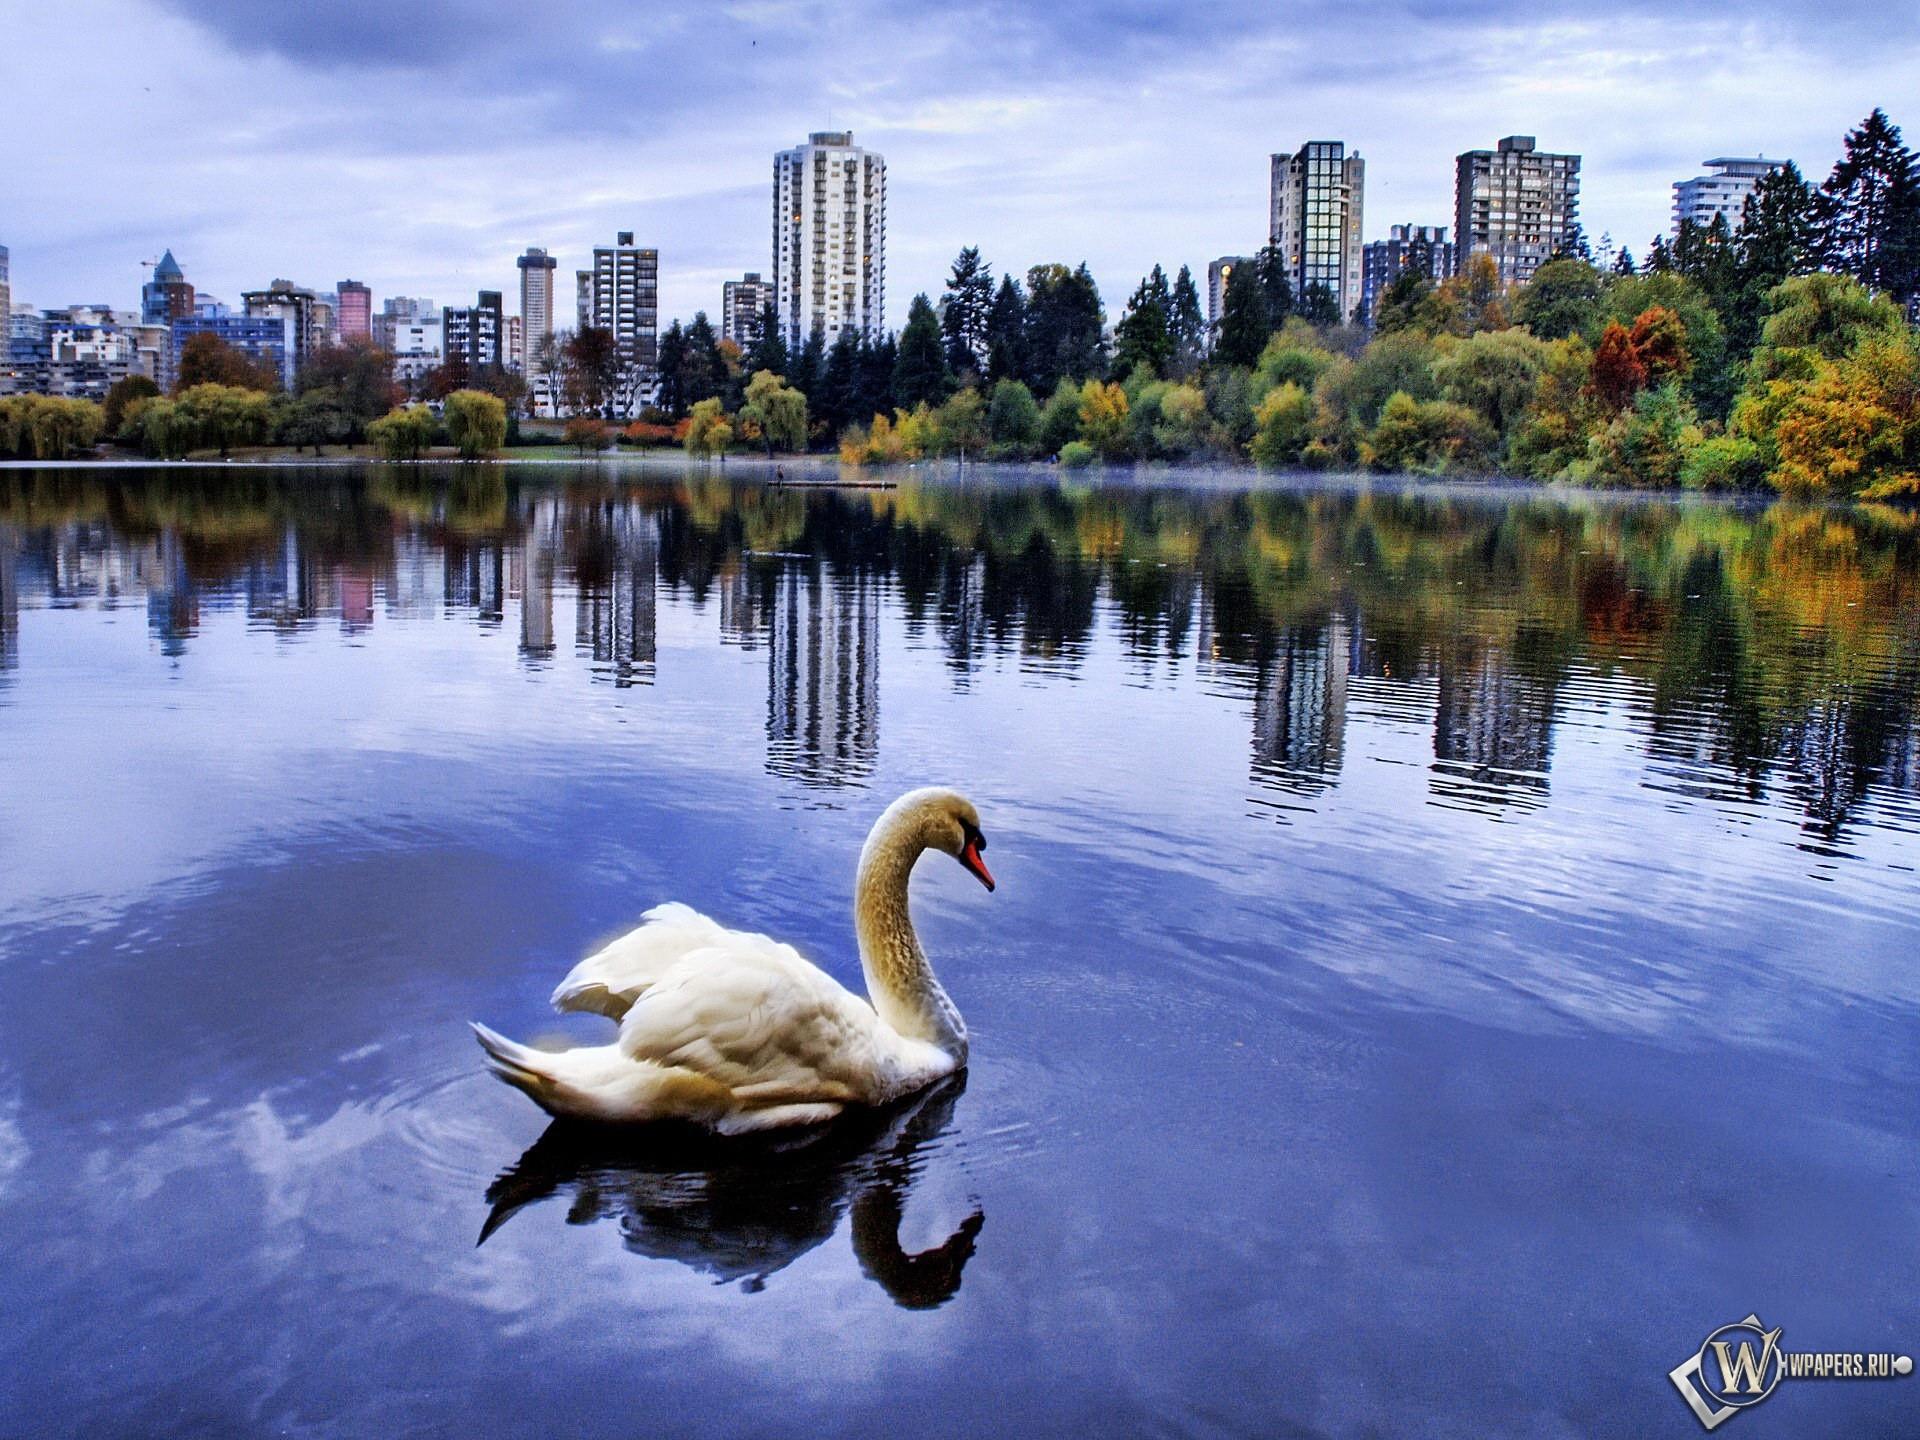 Лебедь в городском пруду 1920x1440